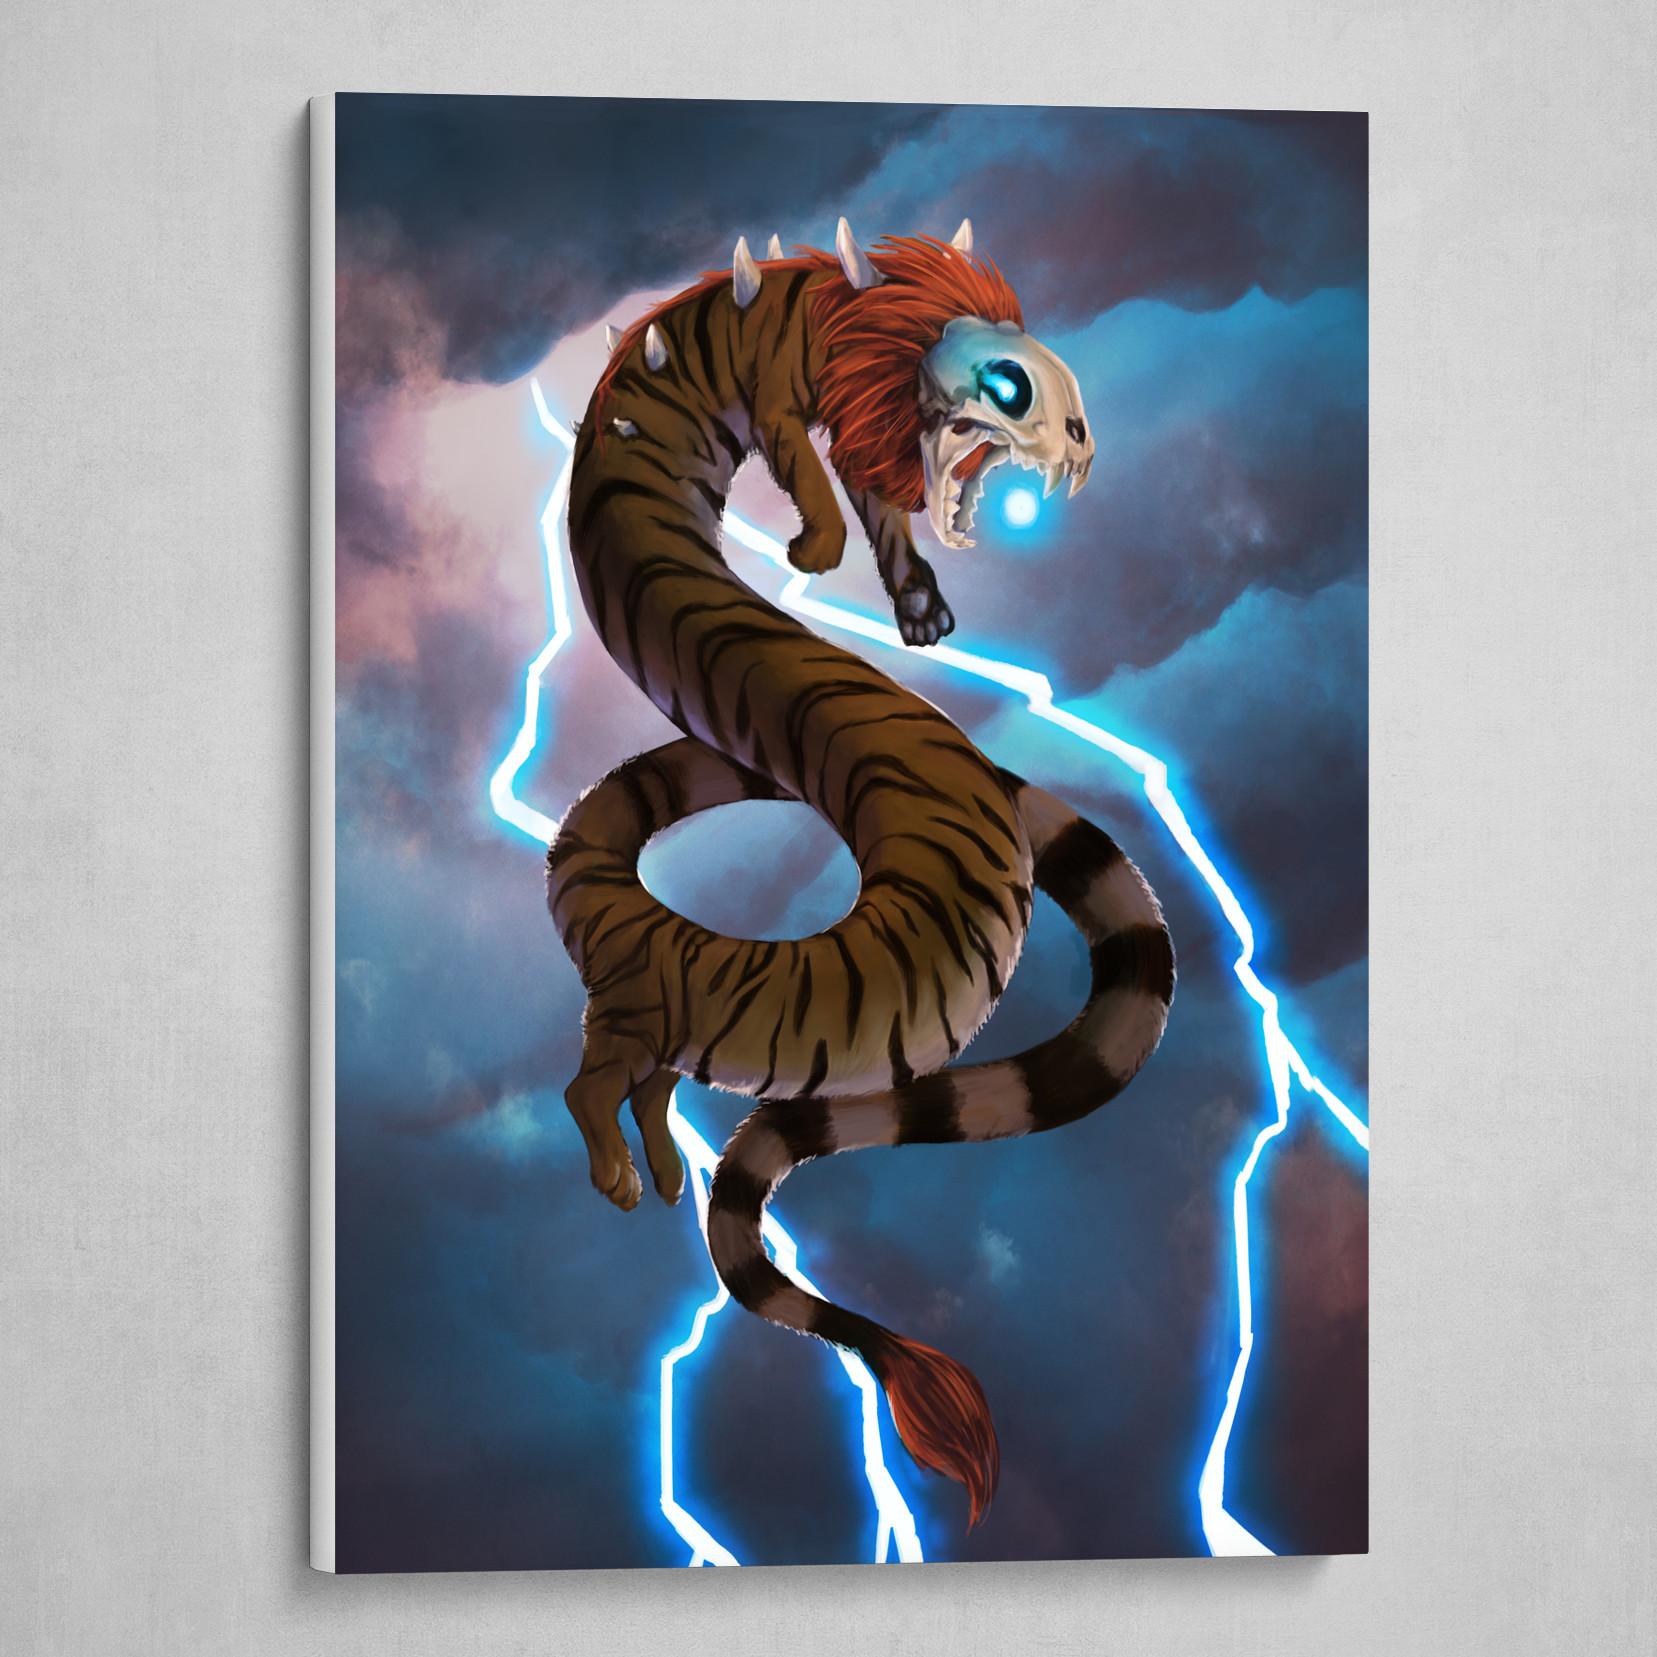 Léi Hǔ Lóng, The Thunder Lord